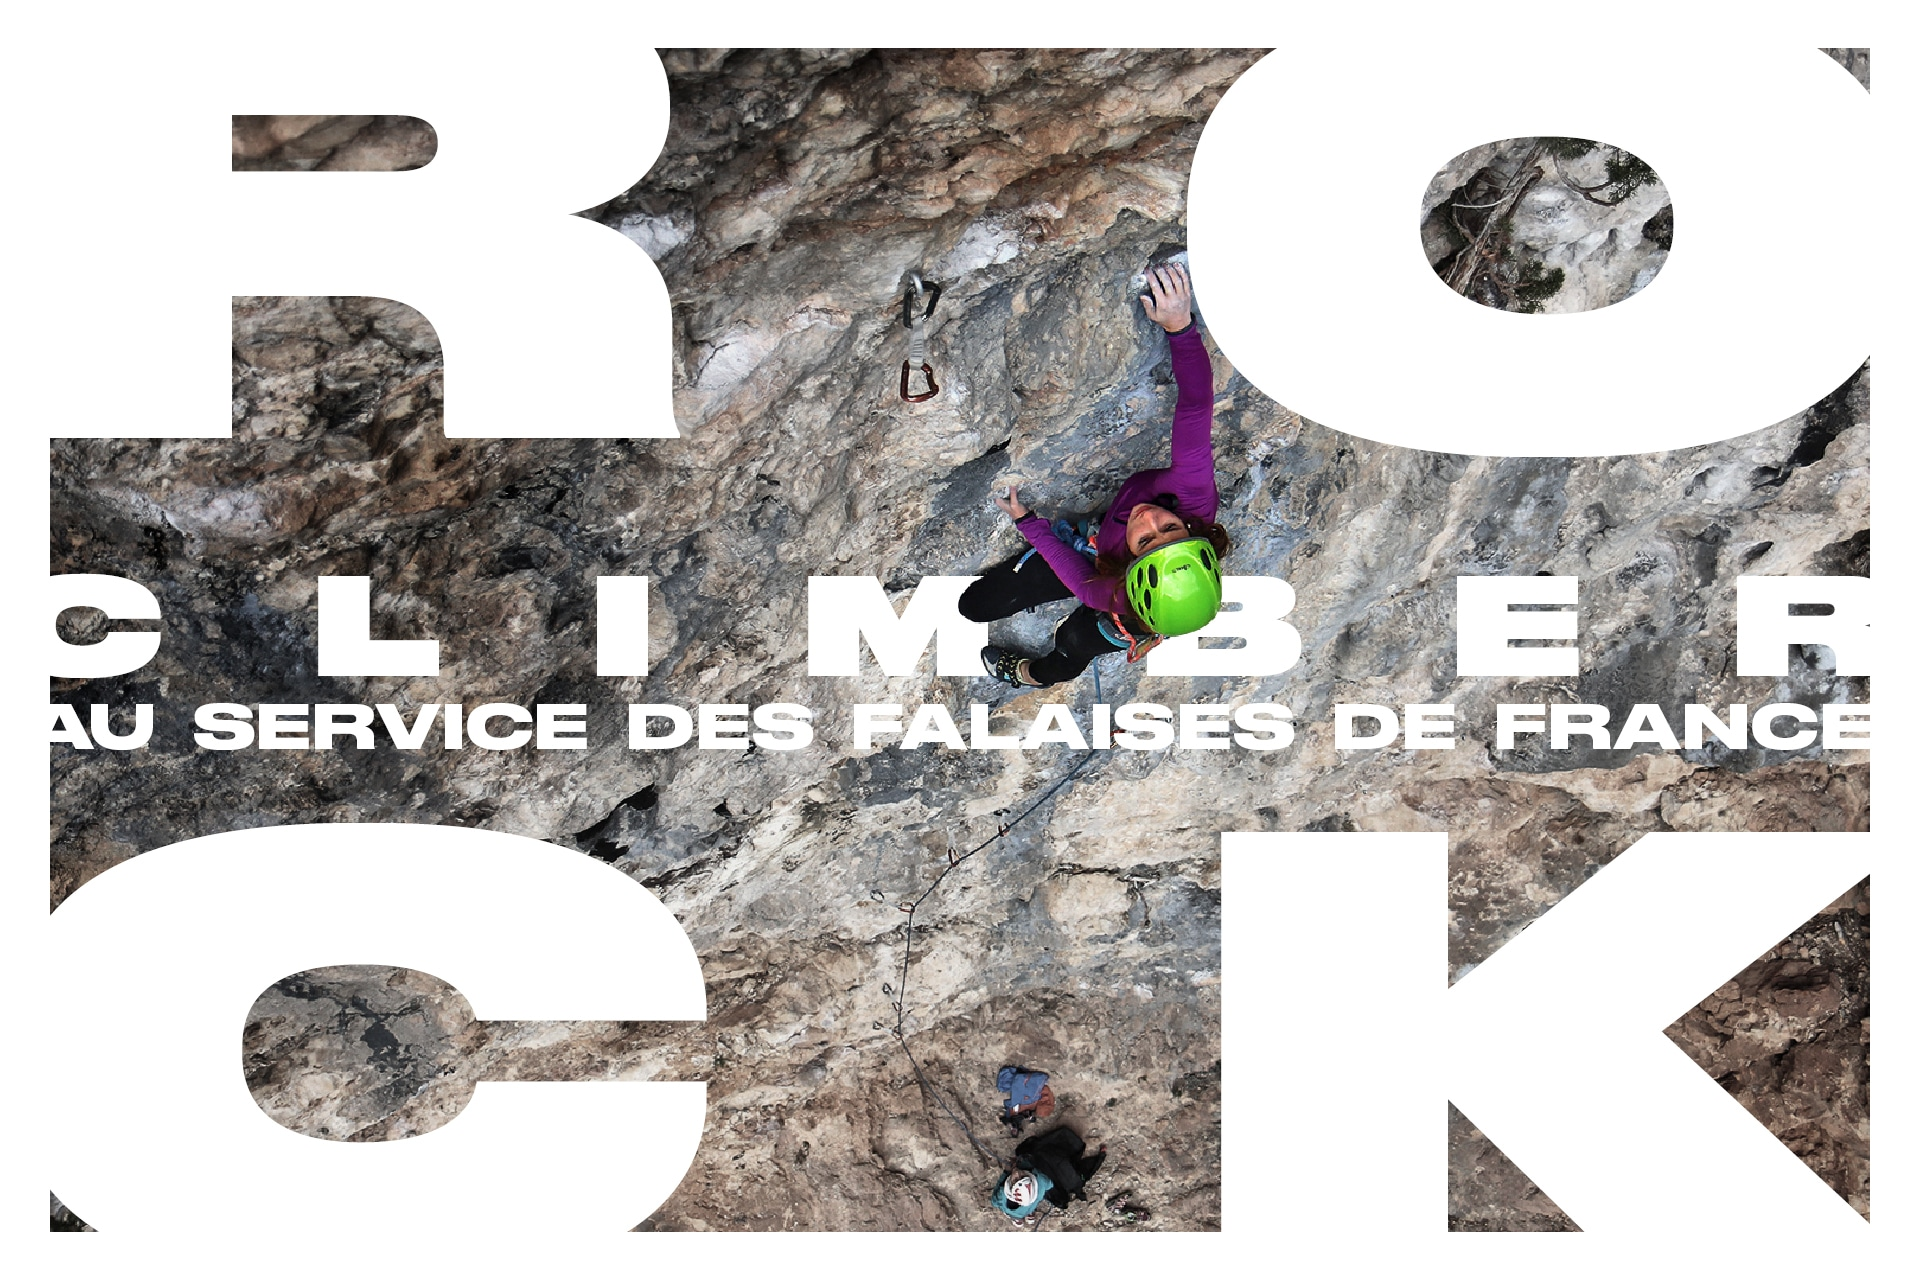 Grande Voix #31 – RockClimber, au service des falaises de France